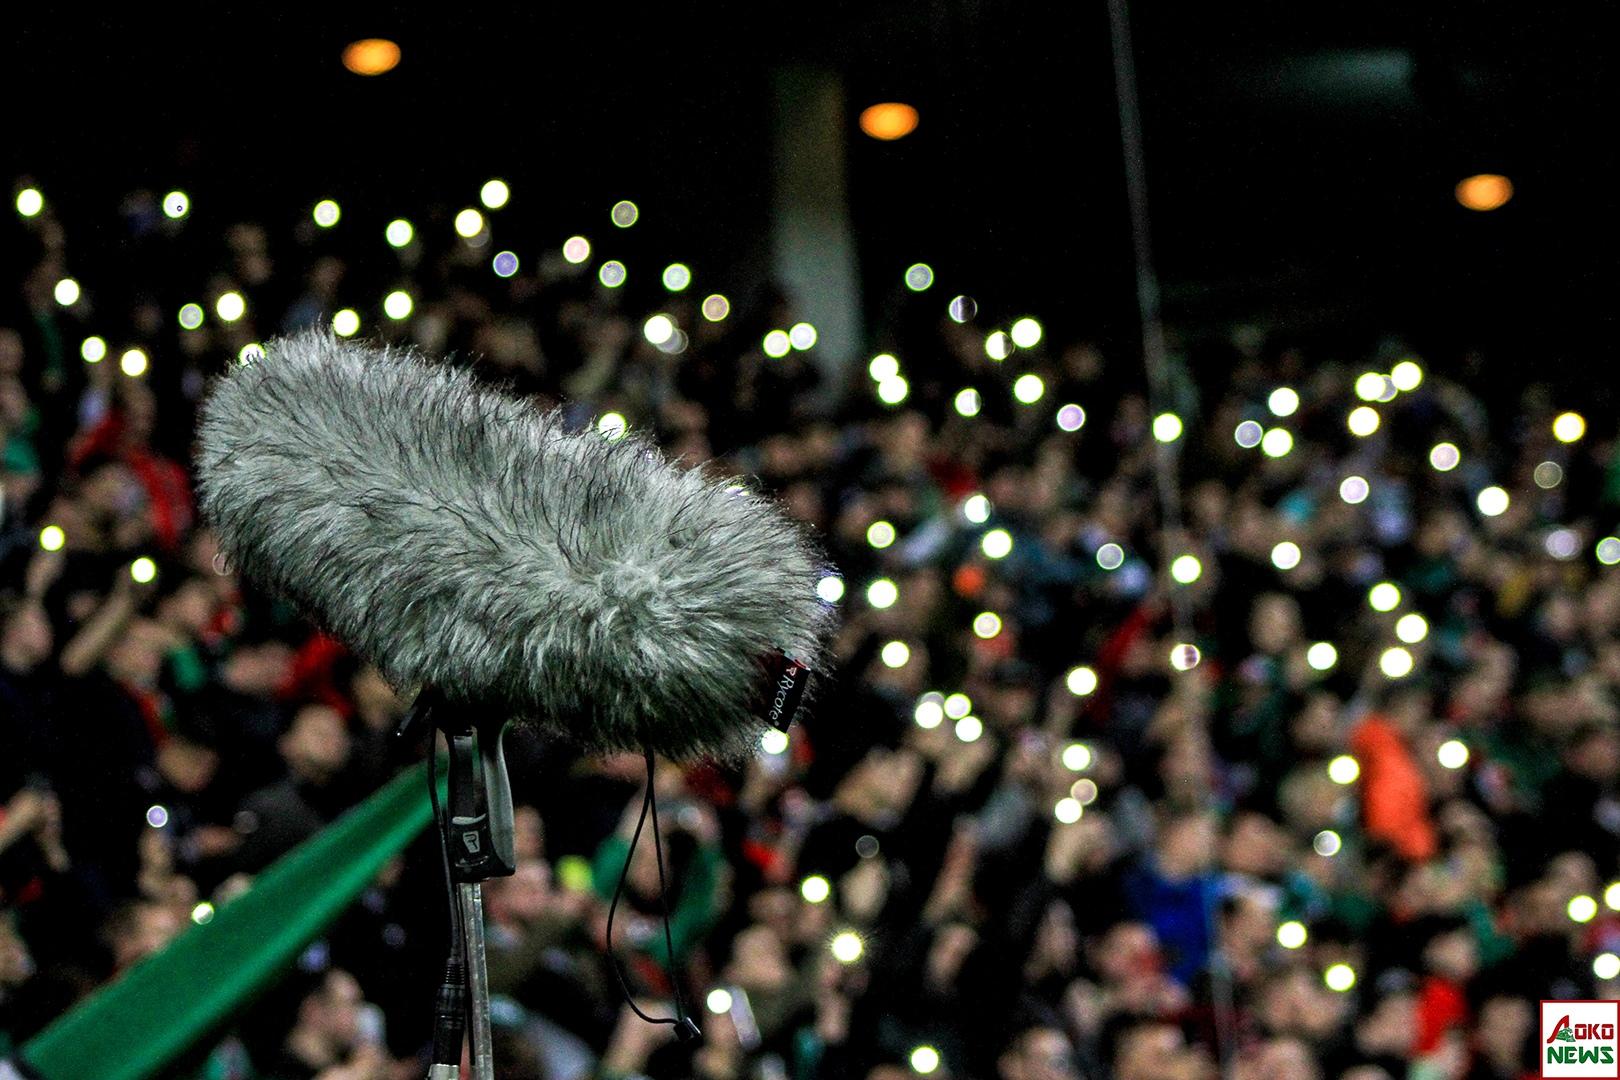 Локомотив - Атлетико. Фото: Дмитрий Бурдонов / Loko.News